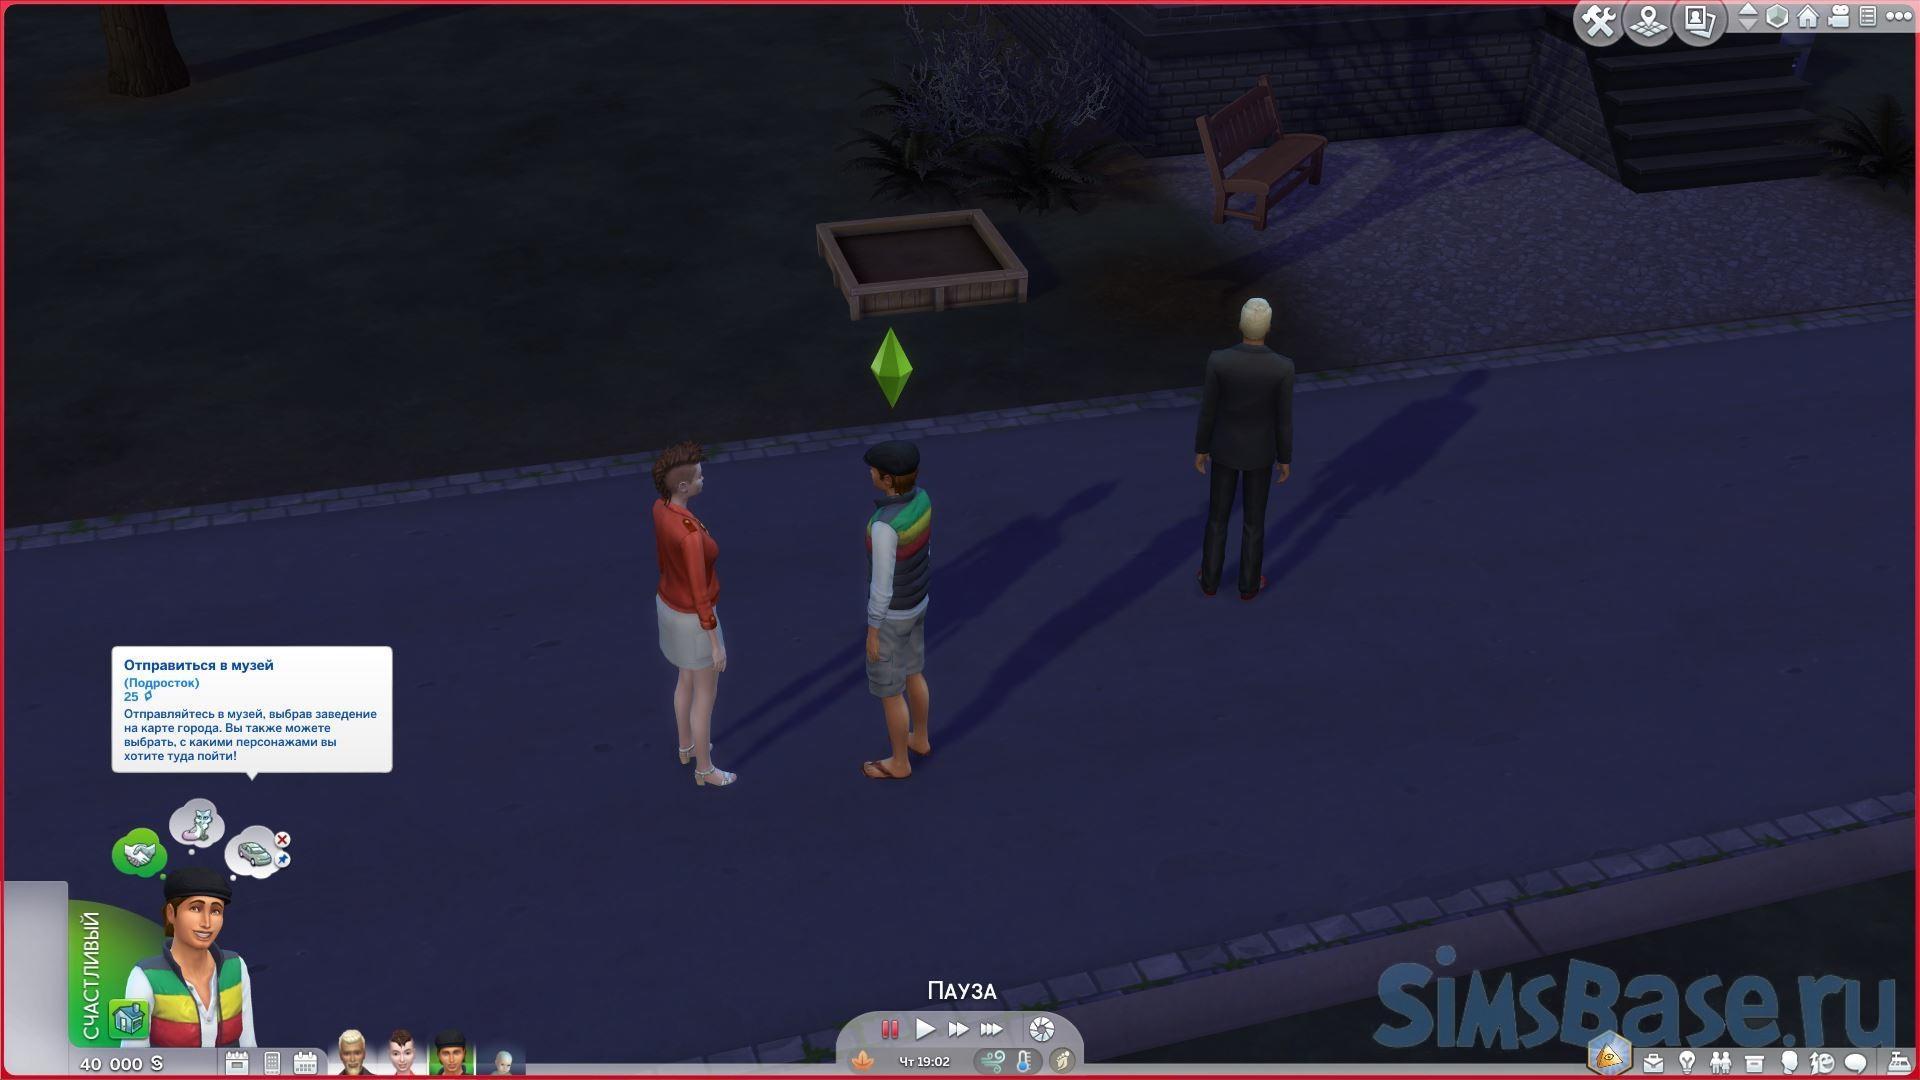 Мод «Социальные взаимодействия для разных возрастов» от MuvaSimmer для Sims 4